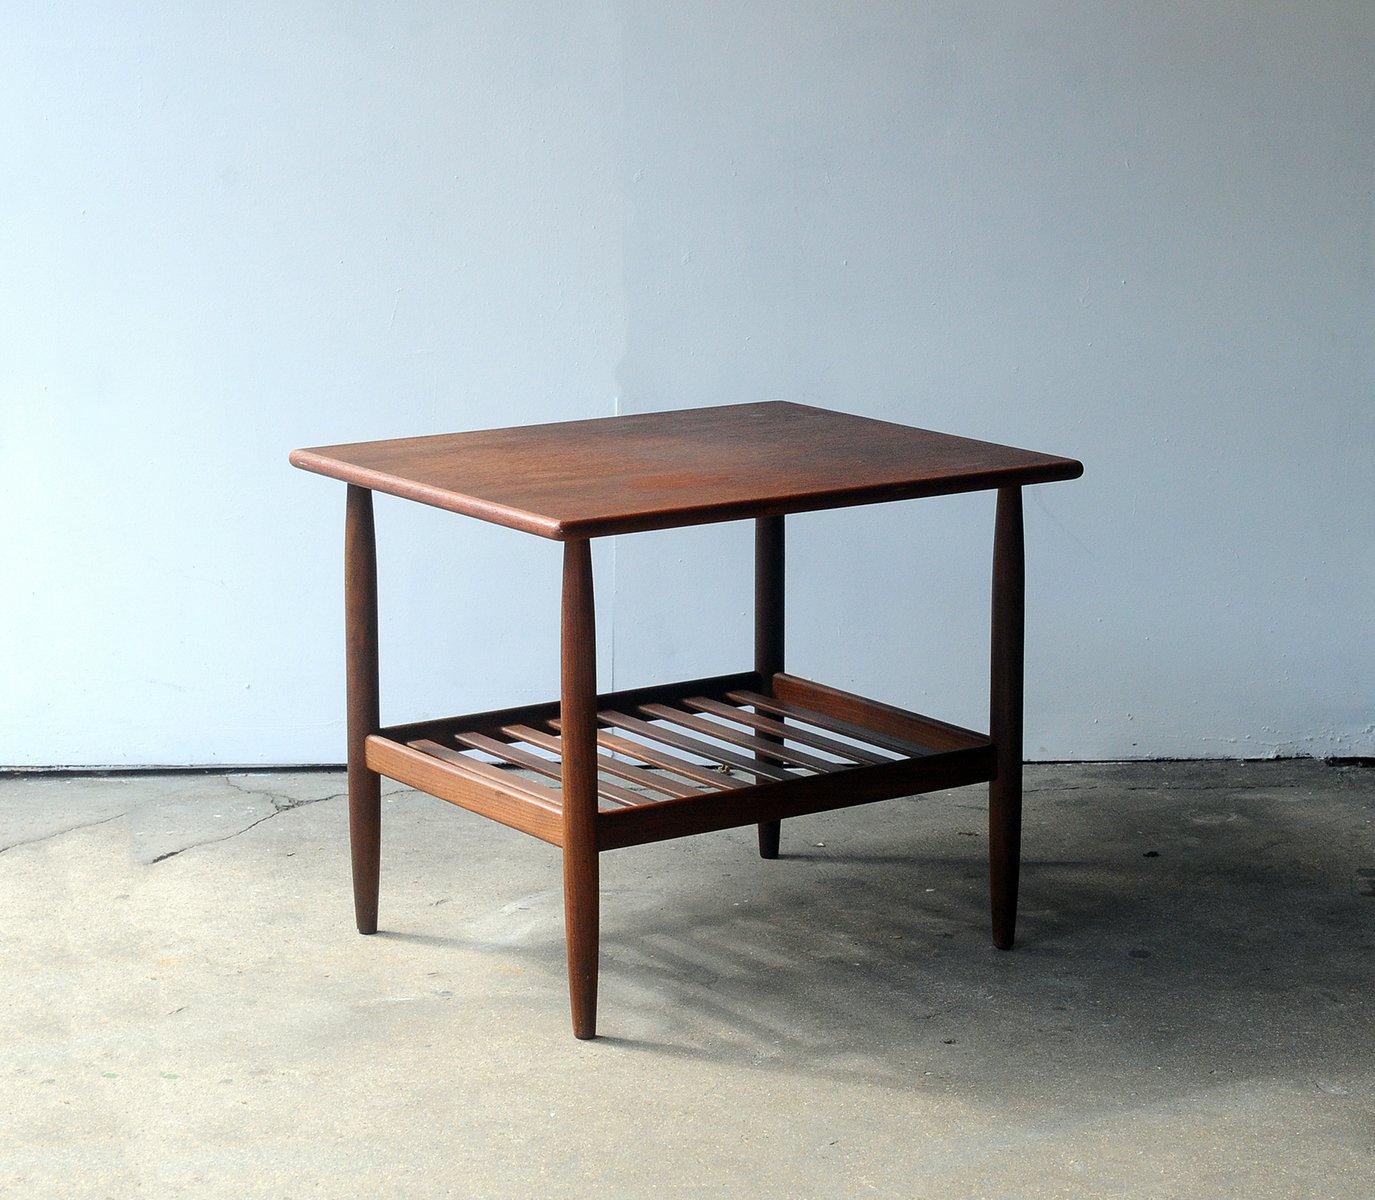 d nischer mid century teak beistelltisch mit ablage bei. Black Bedroom Furniture Sets. Home Design Ideas